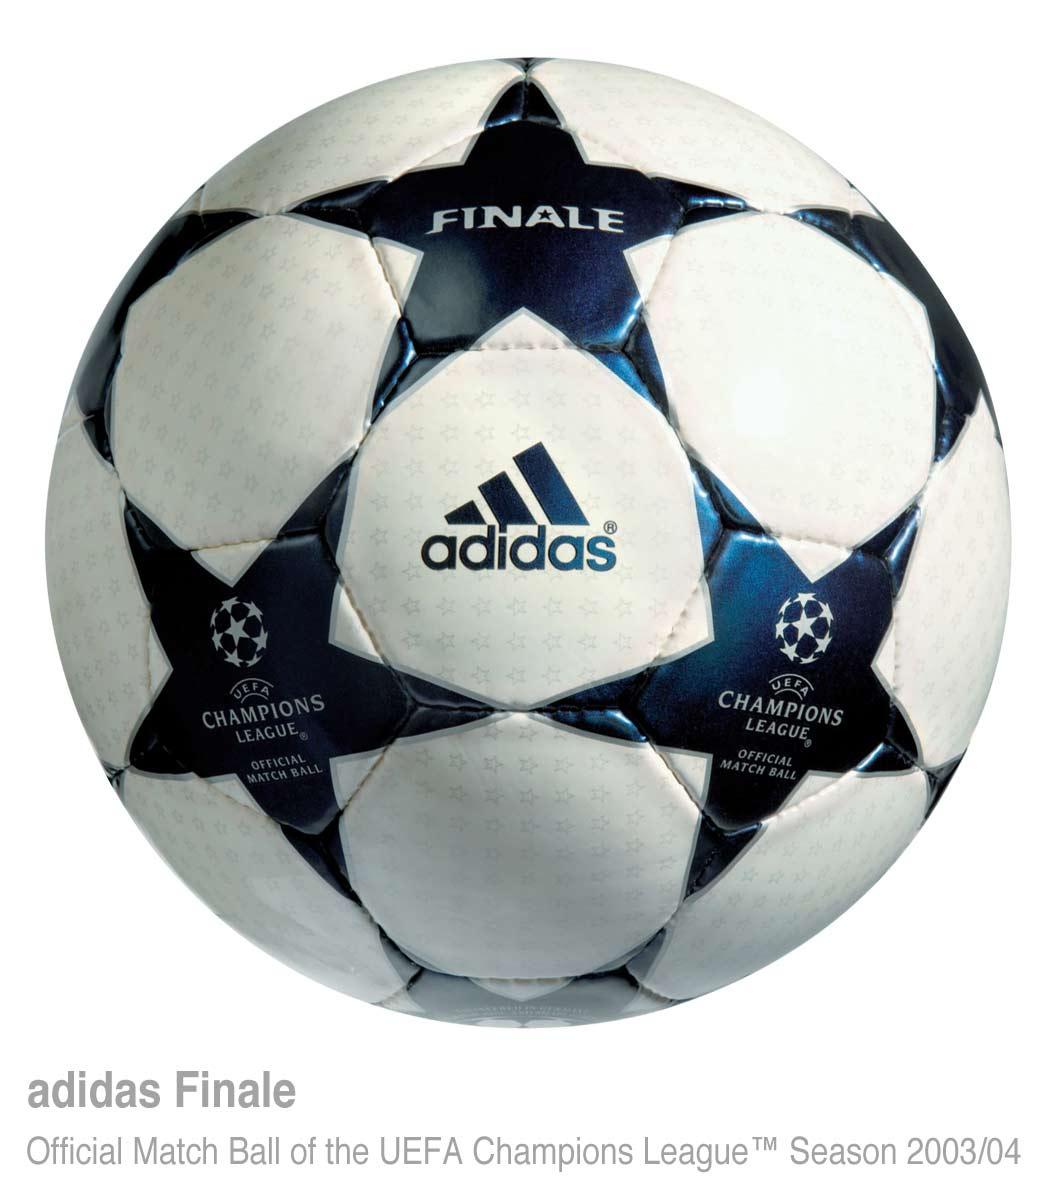 мяч Суперкубка УЕФА 2003 года — Adidas Finale 3